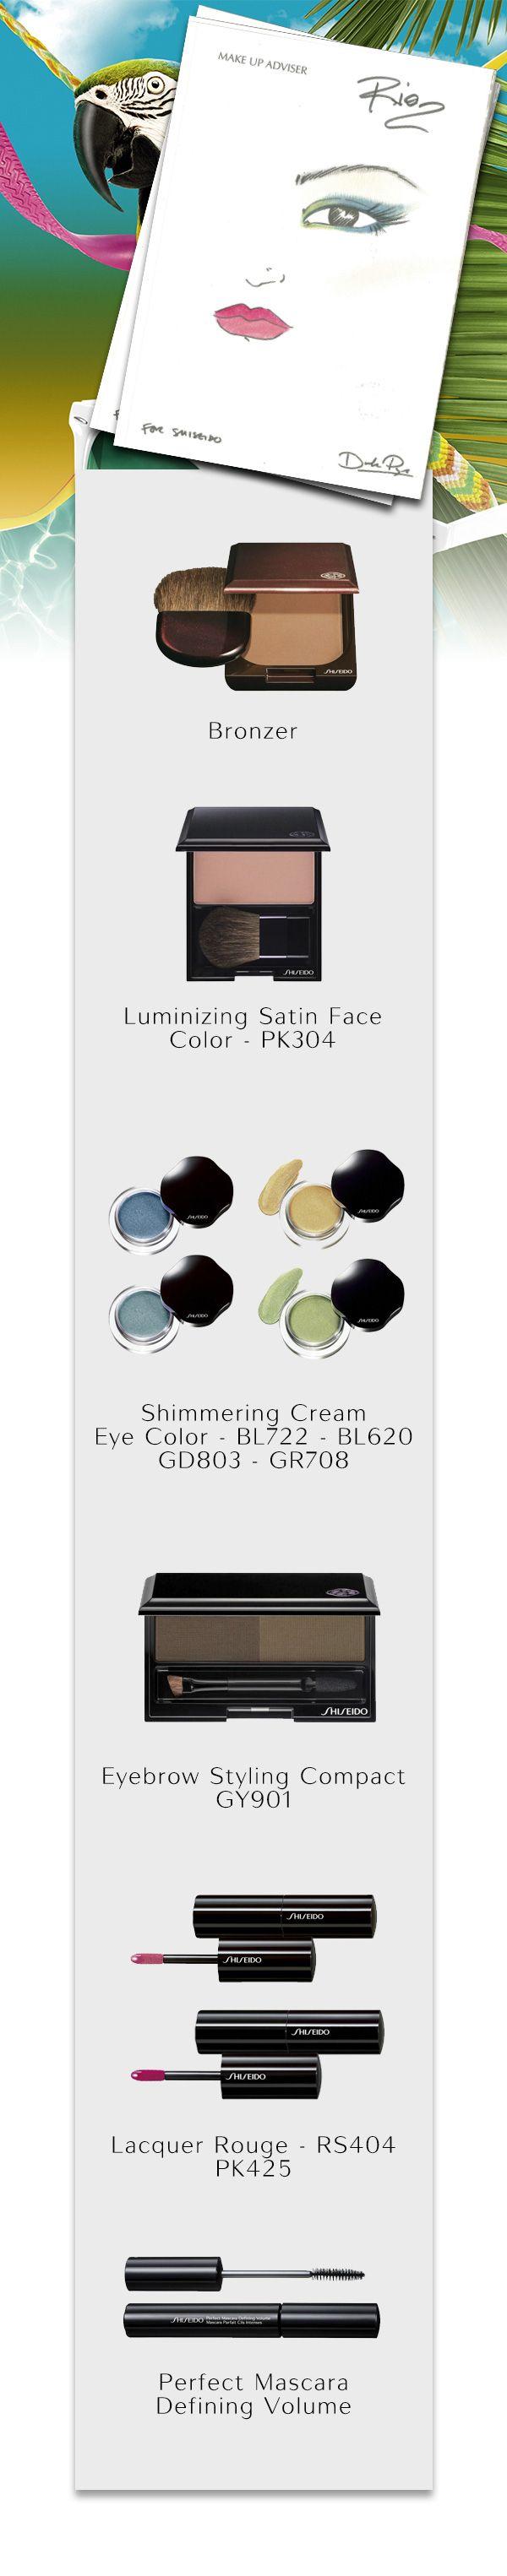 Ispirato all'allegria del #Brasile, il nuovo #makeup di #Rio gioca su toni esotici e vivaci. Un #look unico e ricercato per non passare inosservate! #ShiseidoModa #sunsational #estate